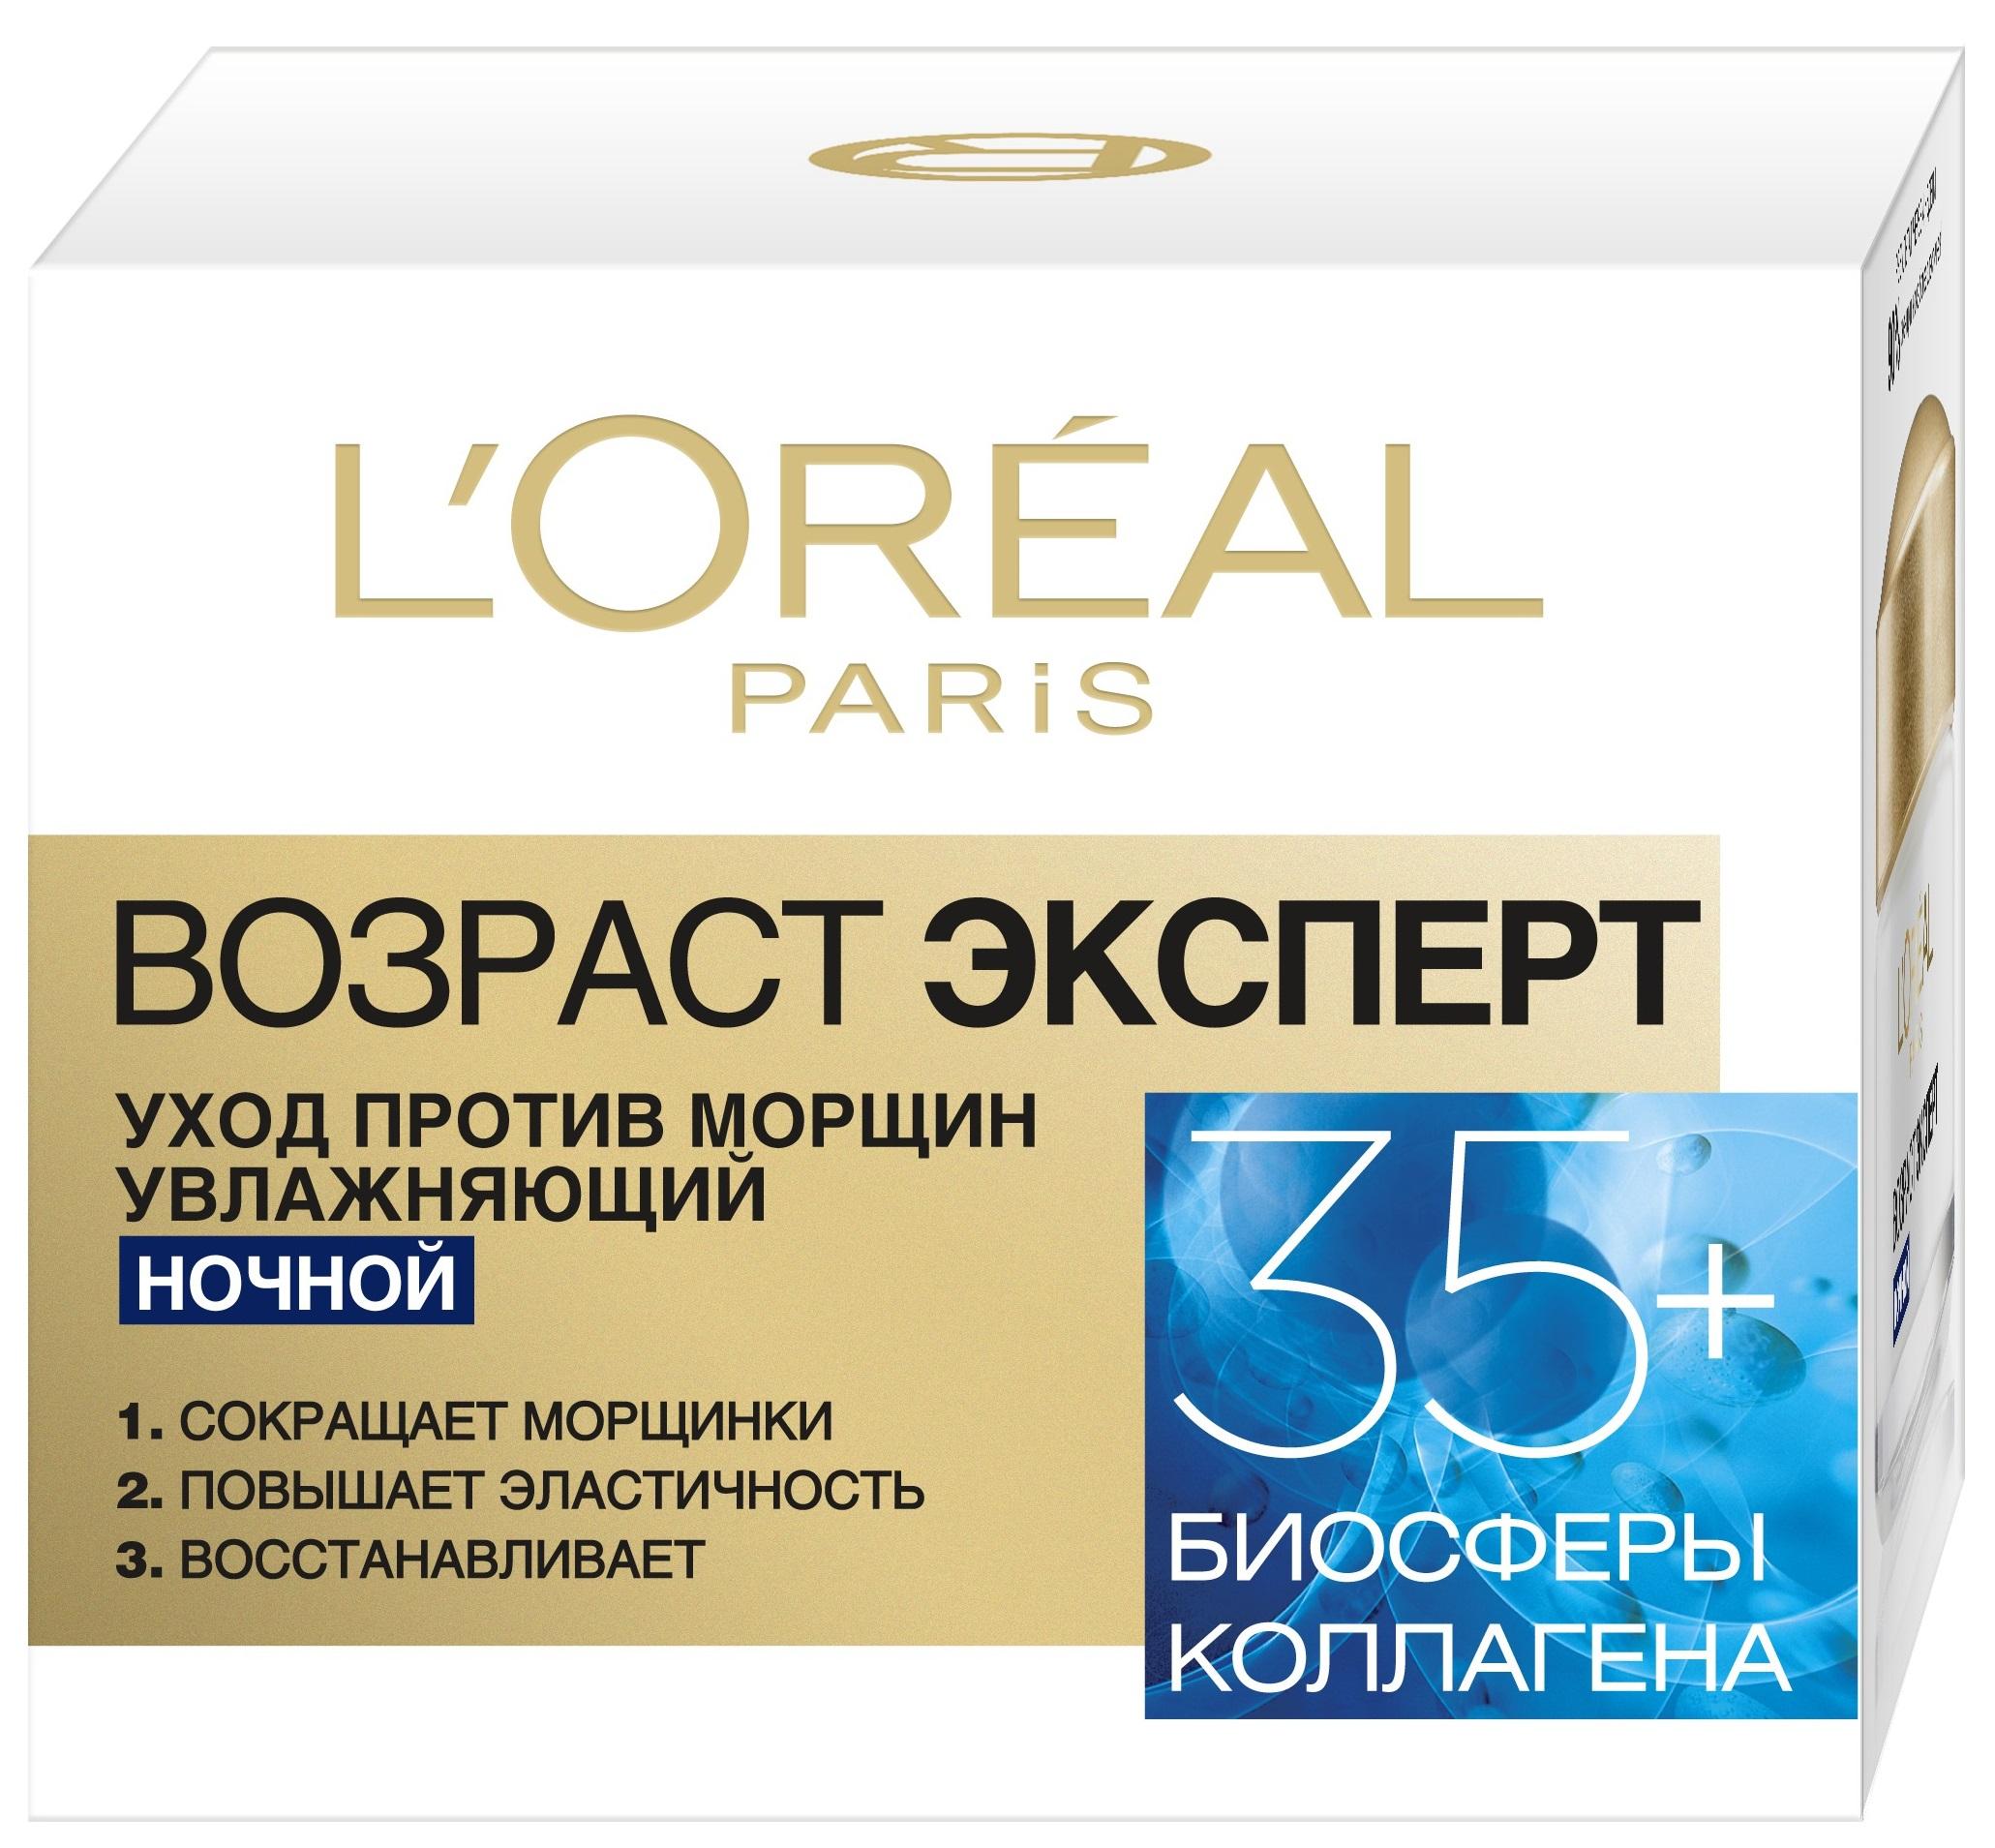 L'Oreal Paris Ночной крем для лица Возраст эксперт 35+ увлажняющий, против морщин, 50 мл крем для лица loreal paris возраст эксперт 50 мл ночной a7821100